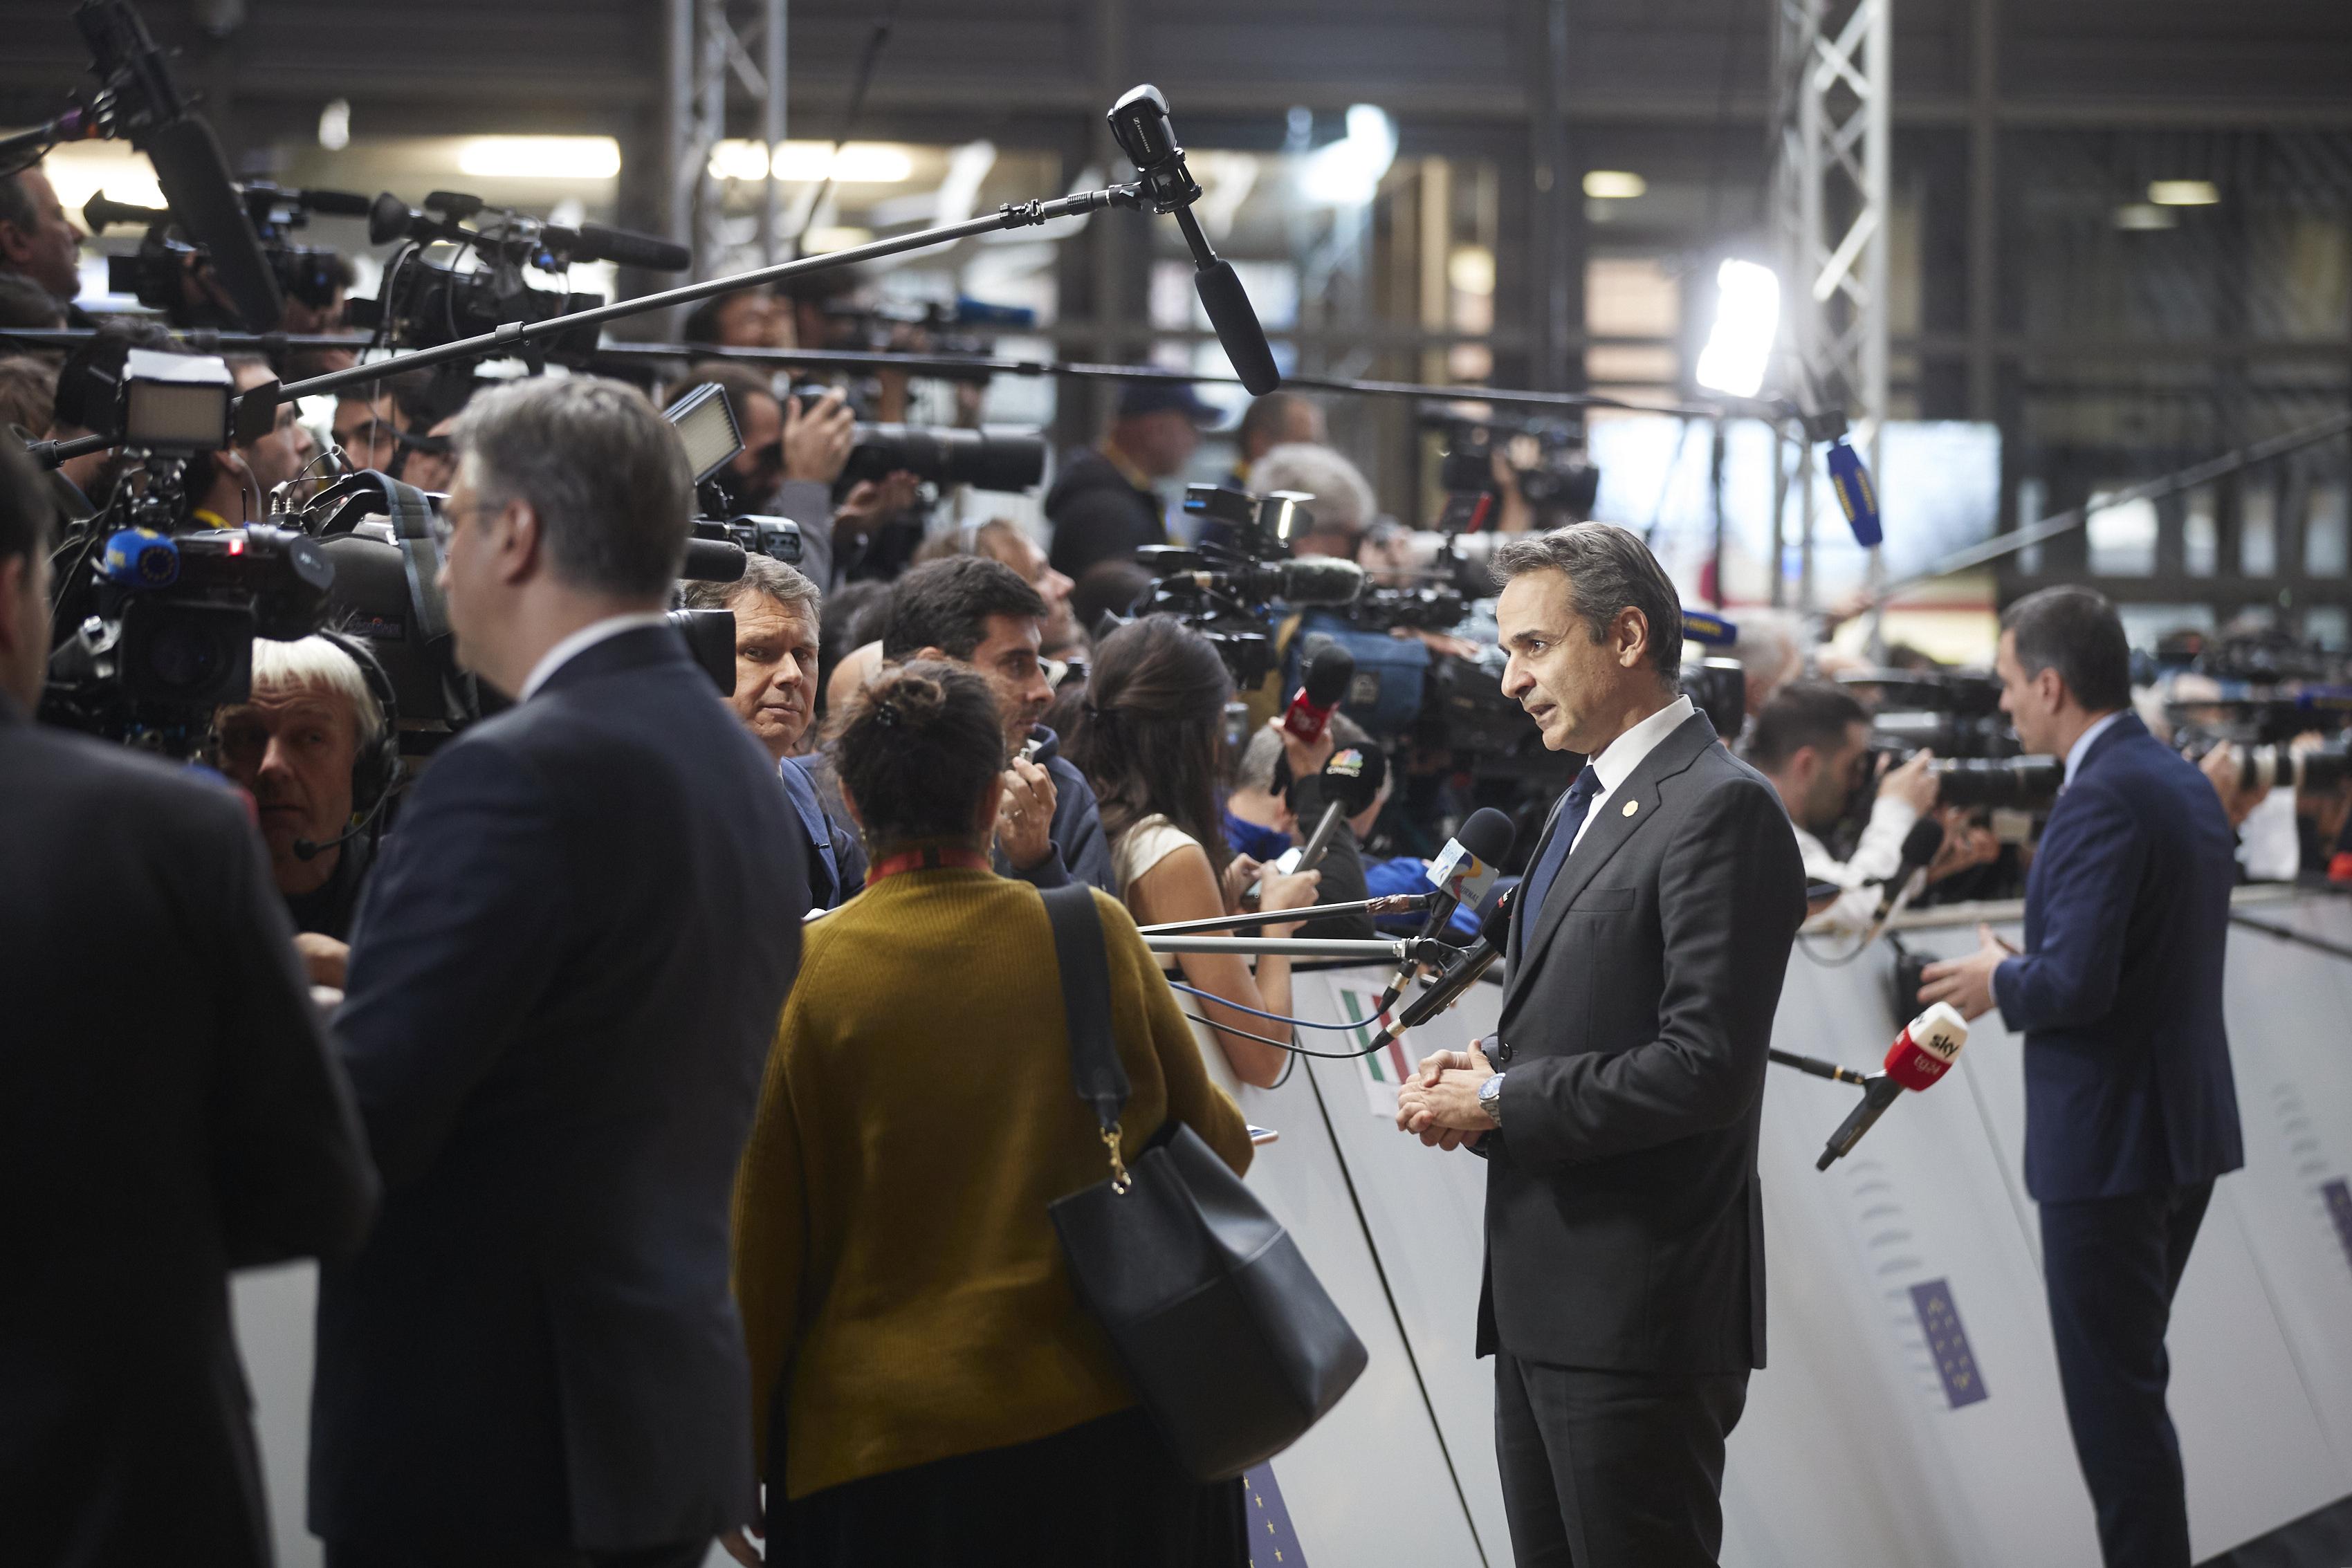 Μητσοτάκης - Σύνοδος Κορυφής ΕΕ